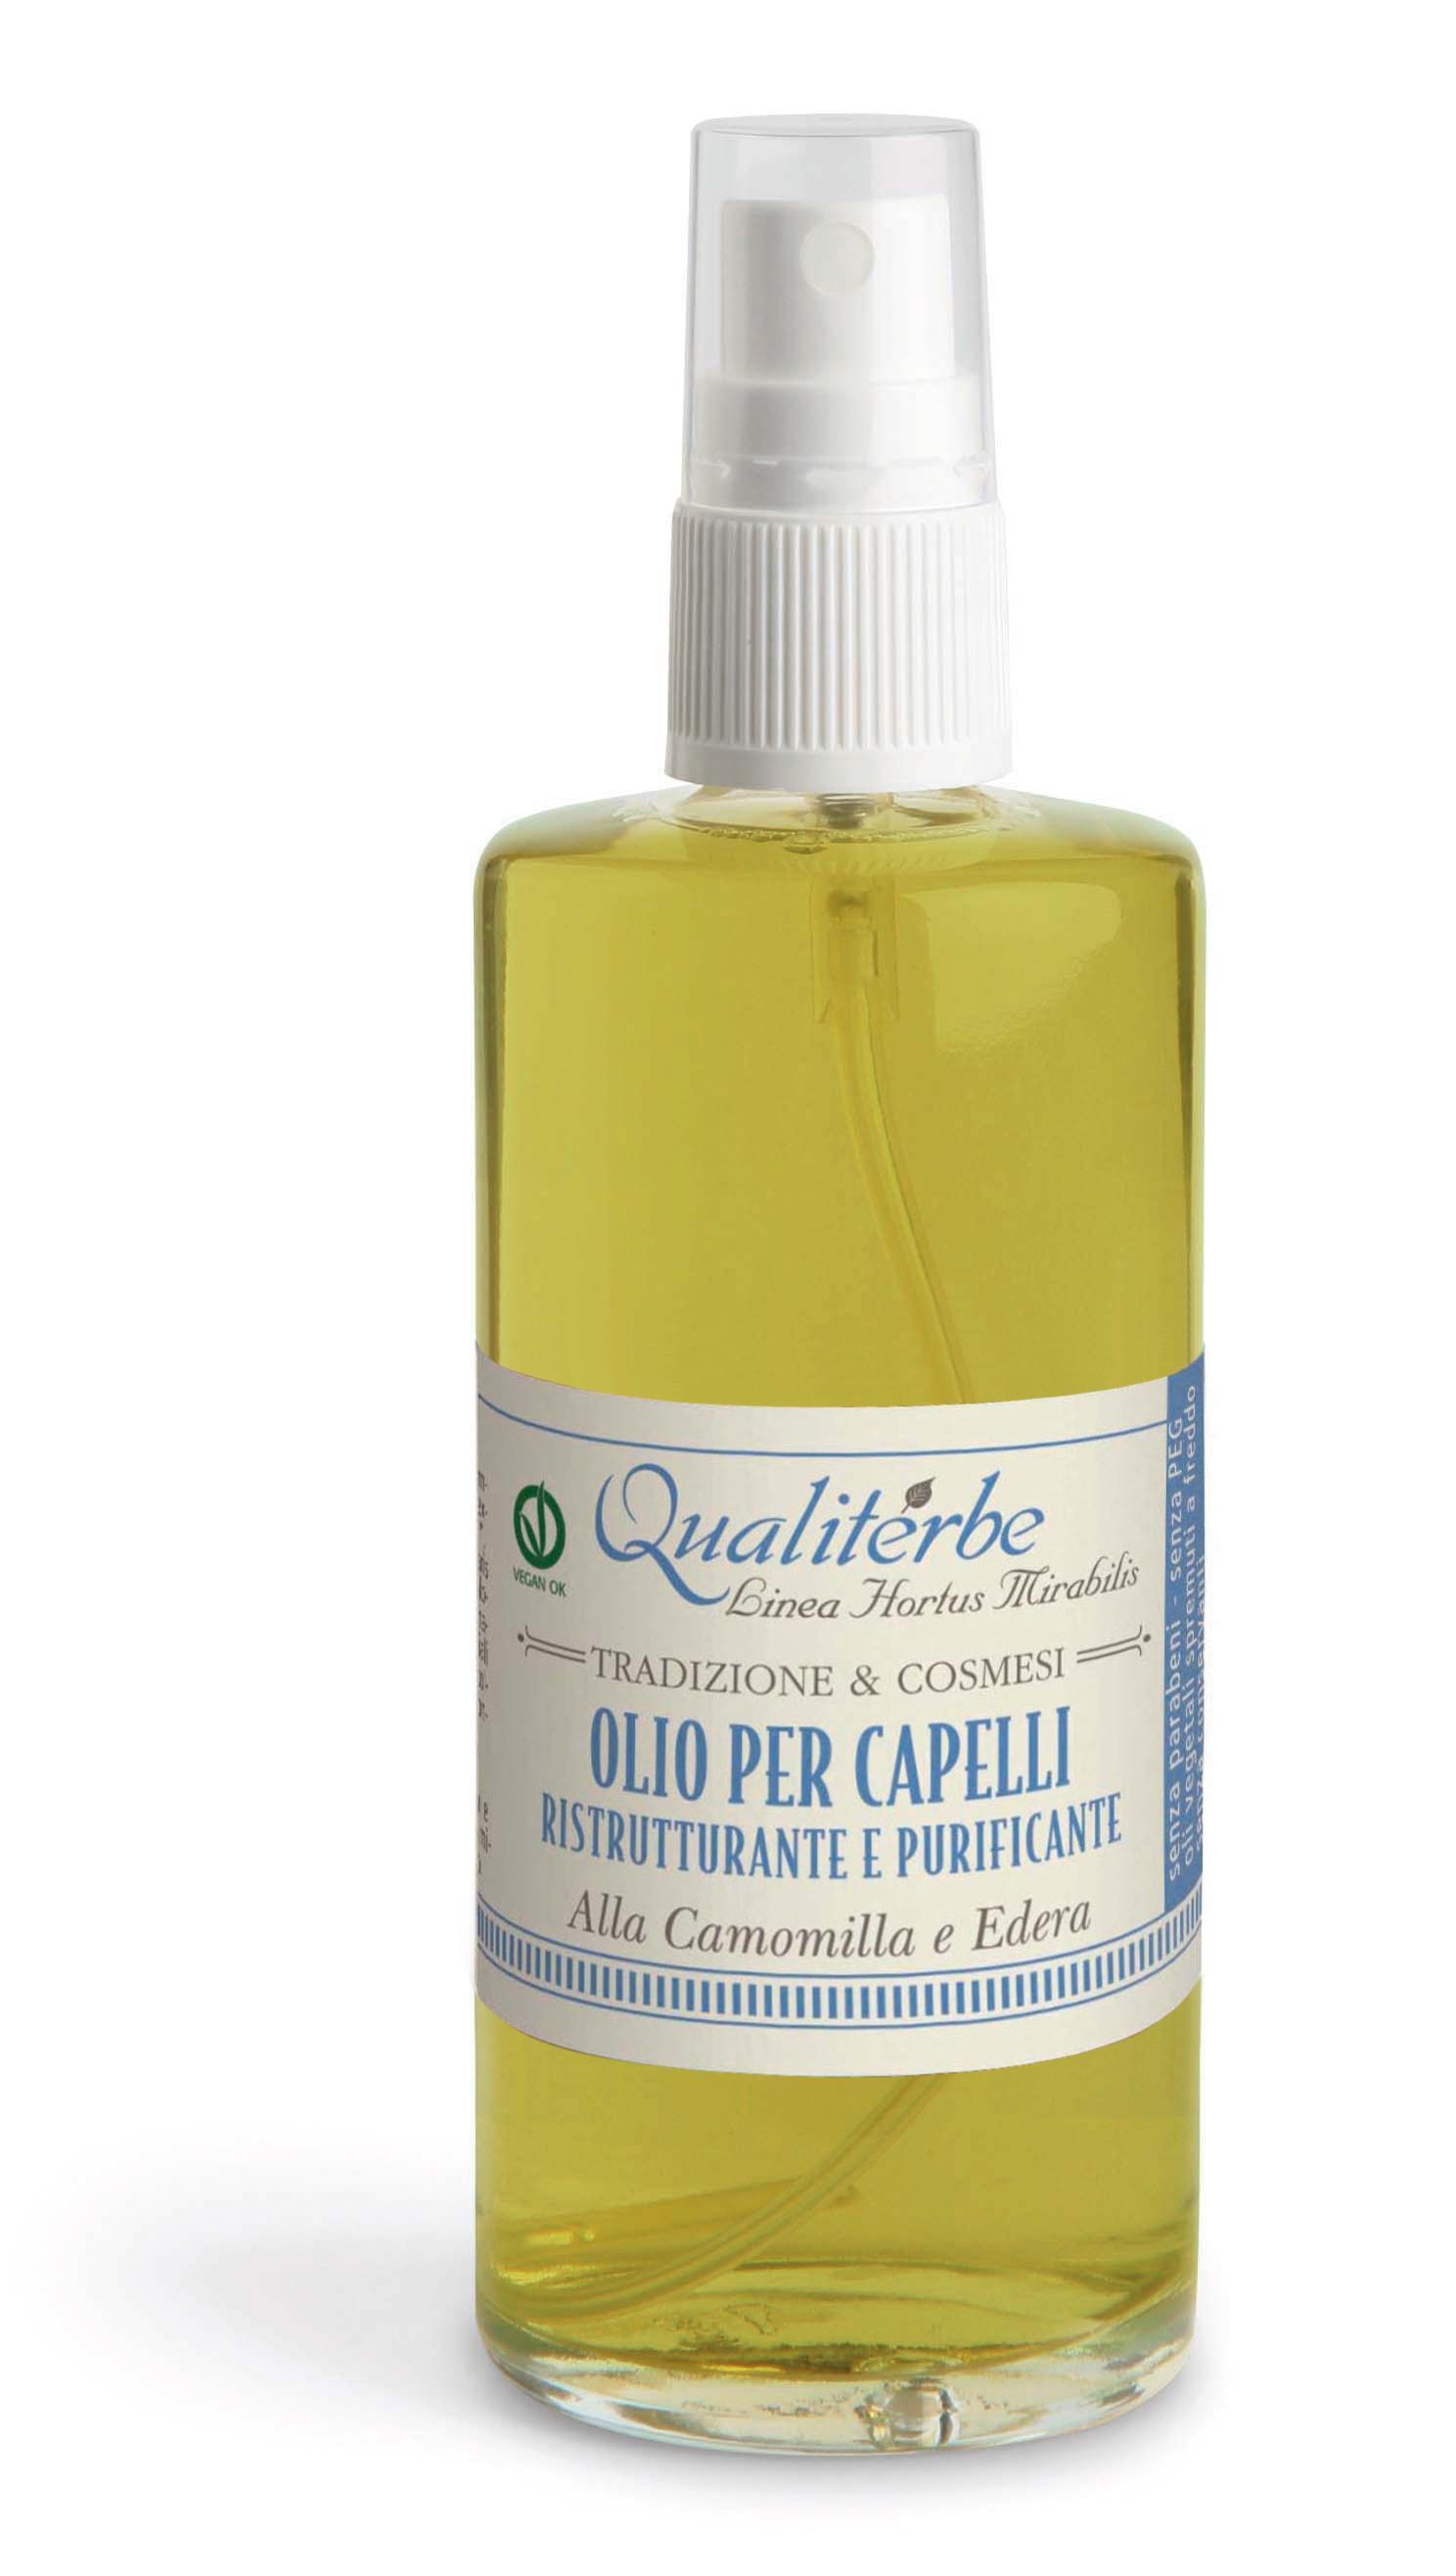 Olio per capelli ristrutturante 100% Naturale by Qualiterbe